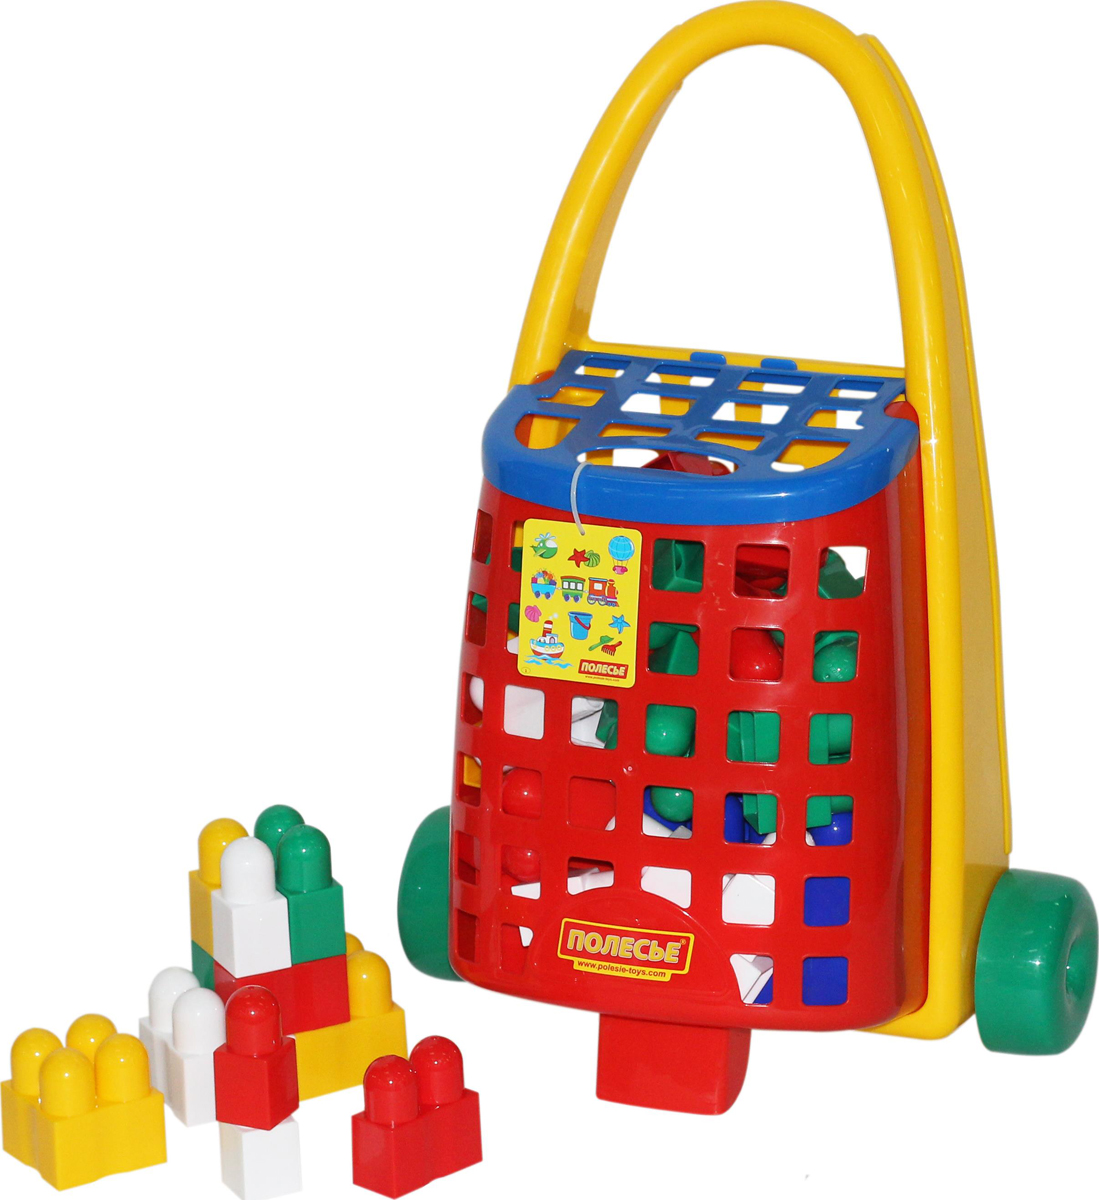 Полесье Конструктор Combi Blocks + Забавная тележка, цвет в ассортименте